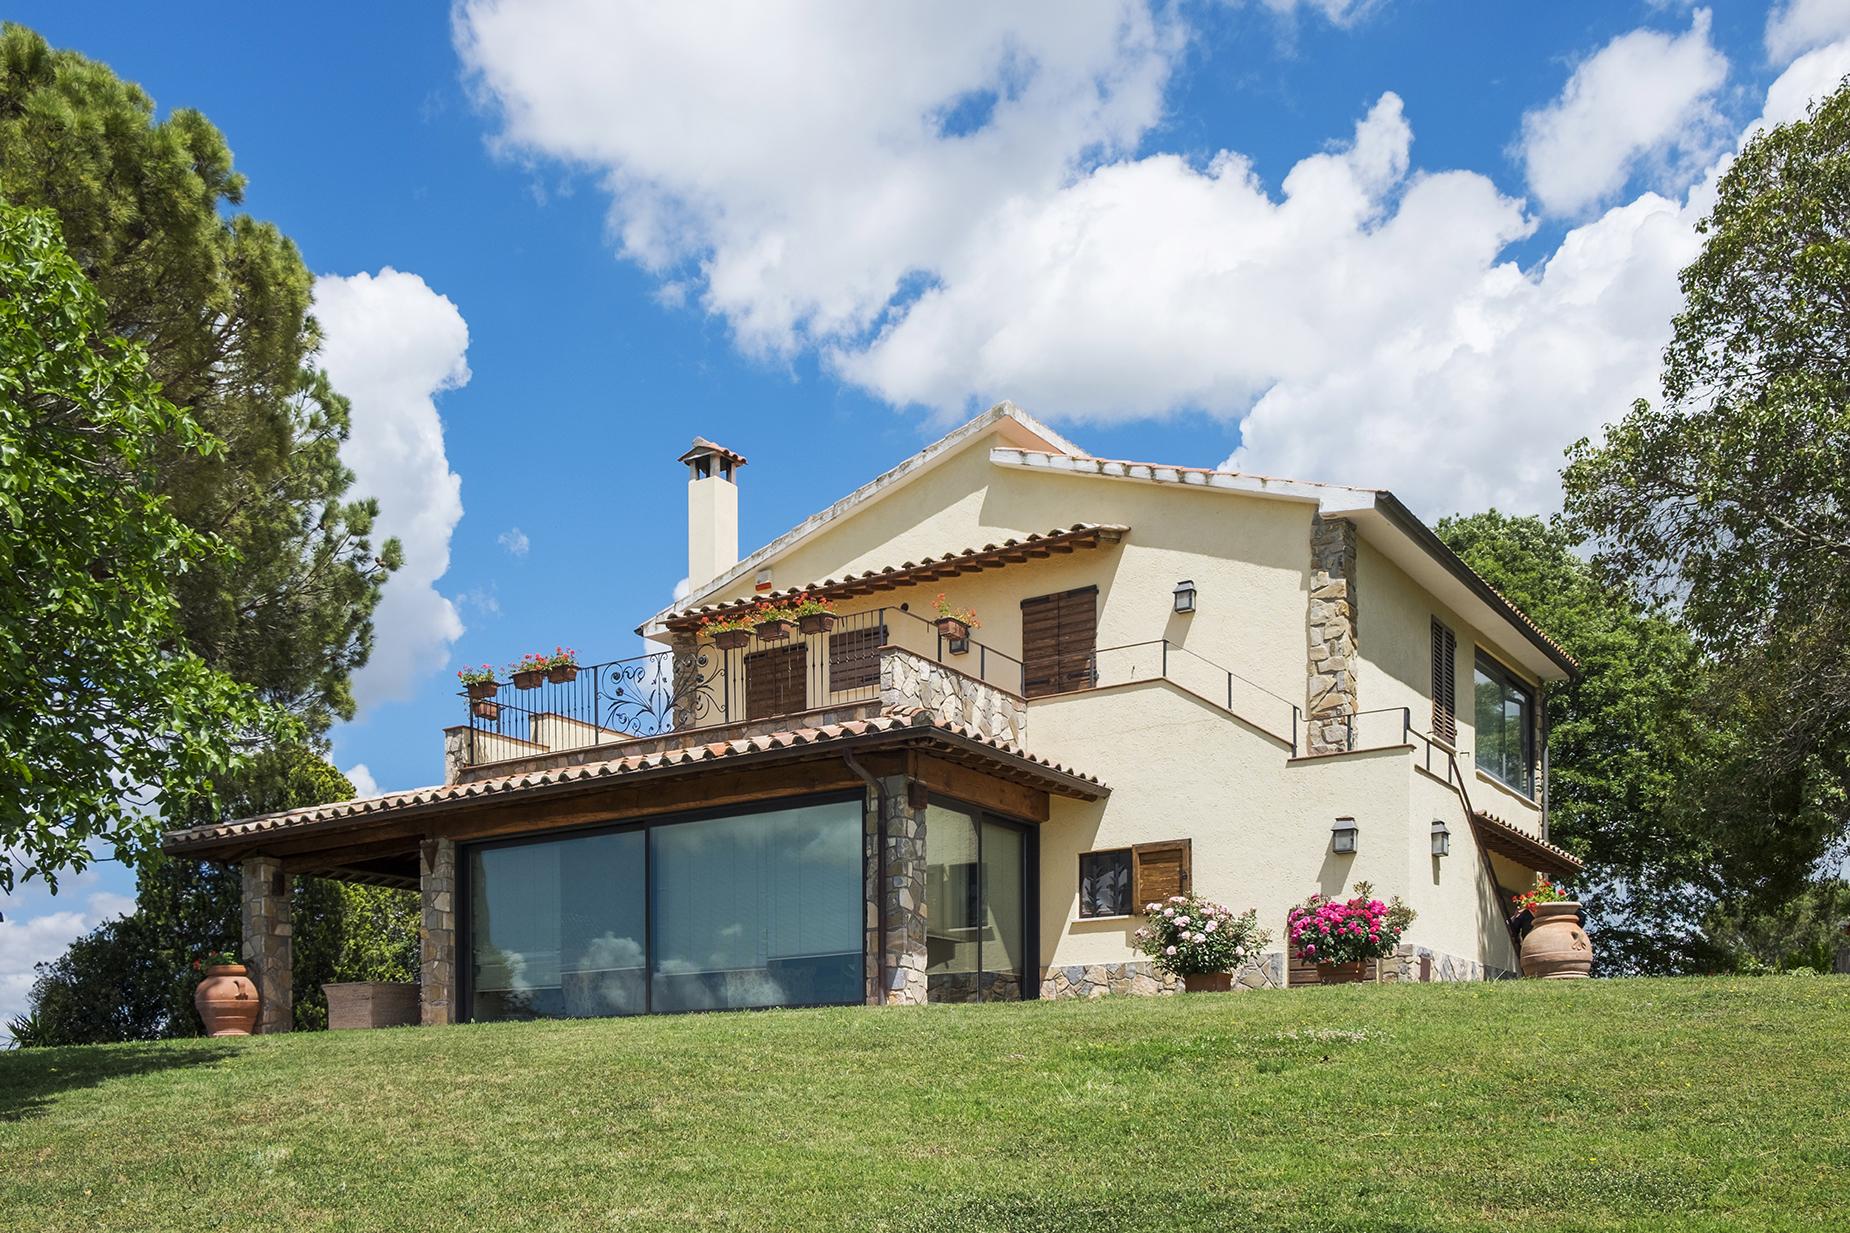 Rustico in Vendita a Magliano In Toscana: 5 locali, 320 mq - Foto 12